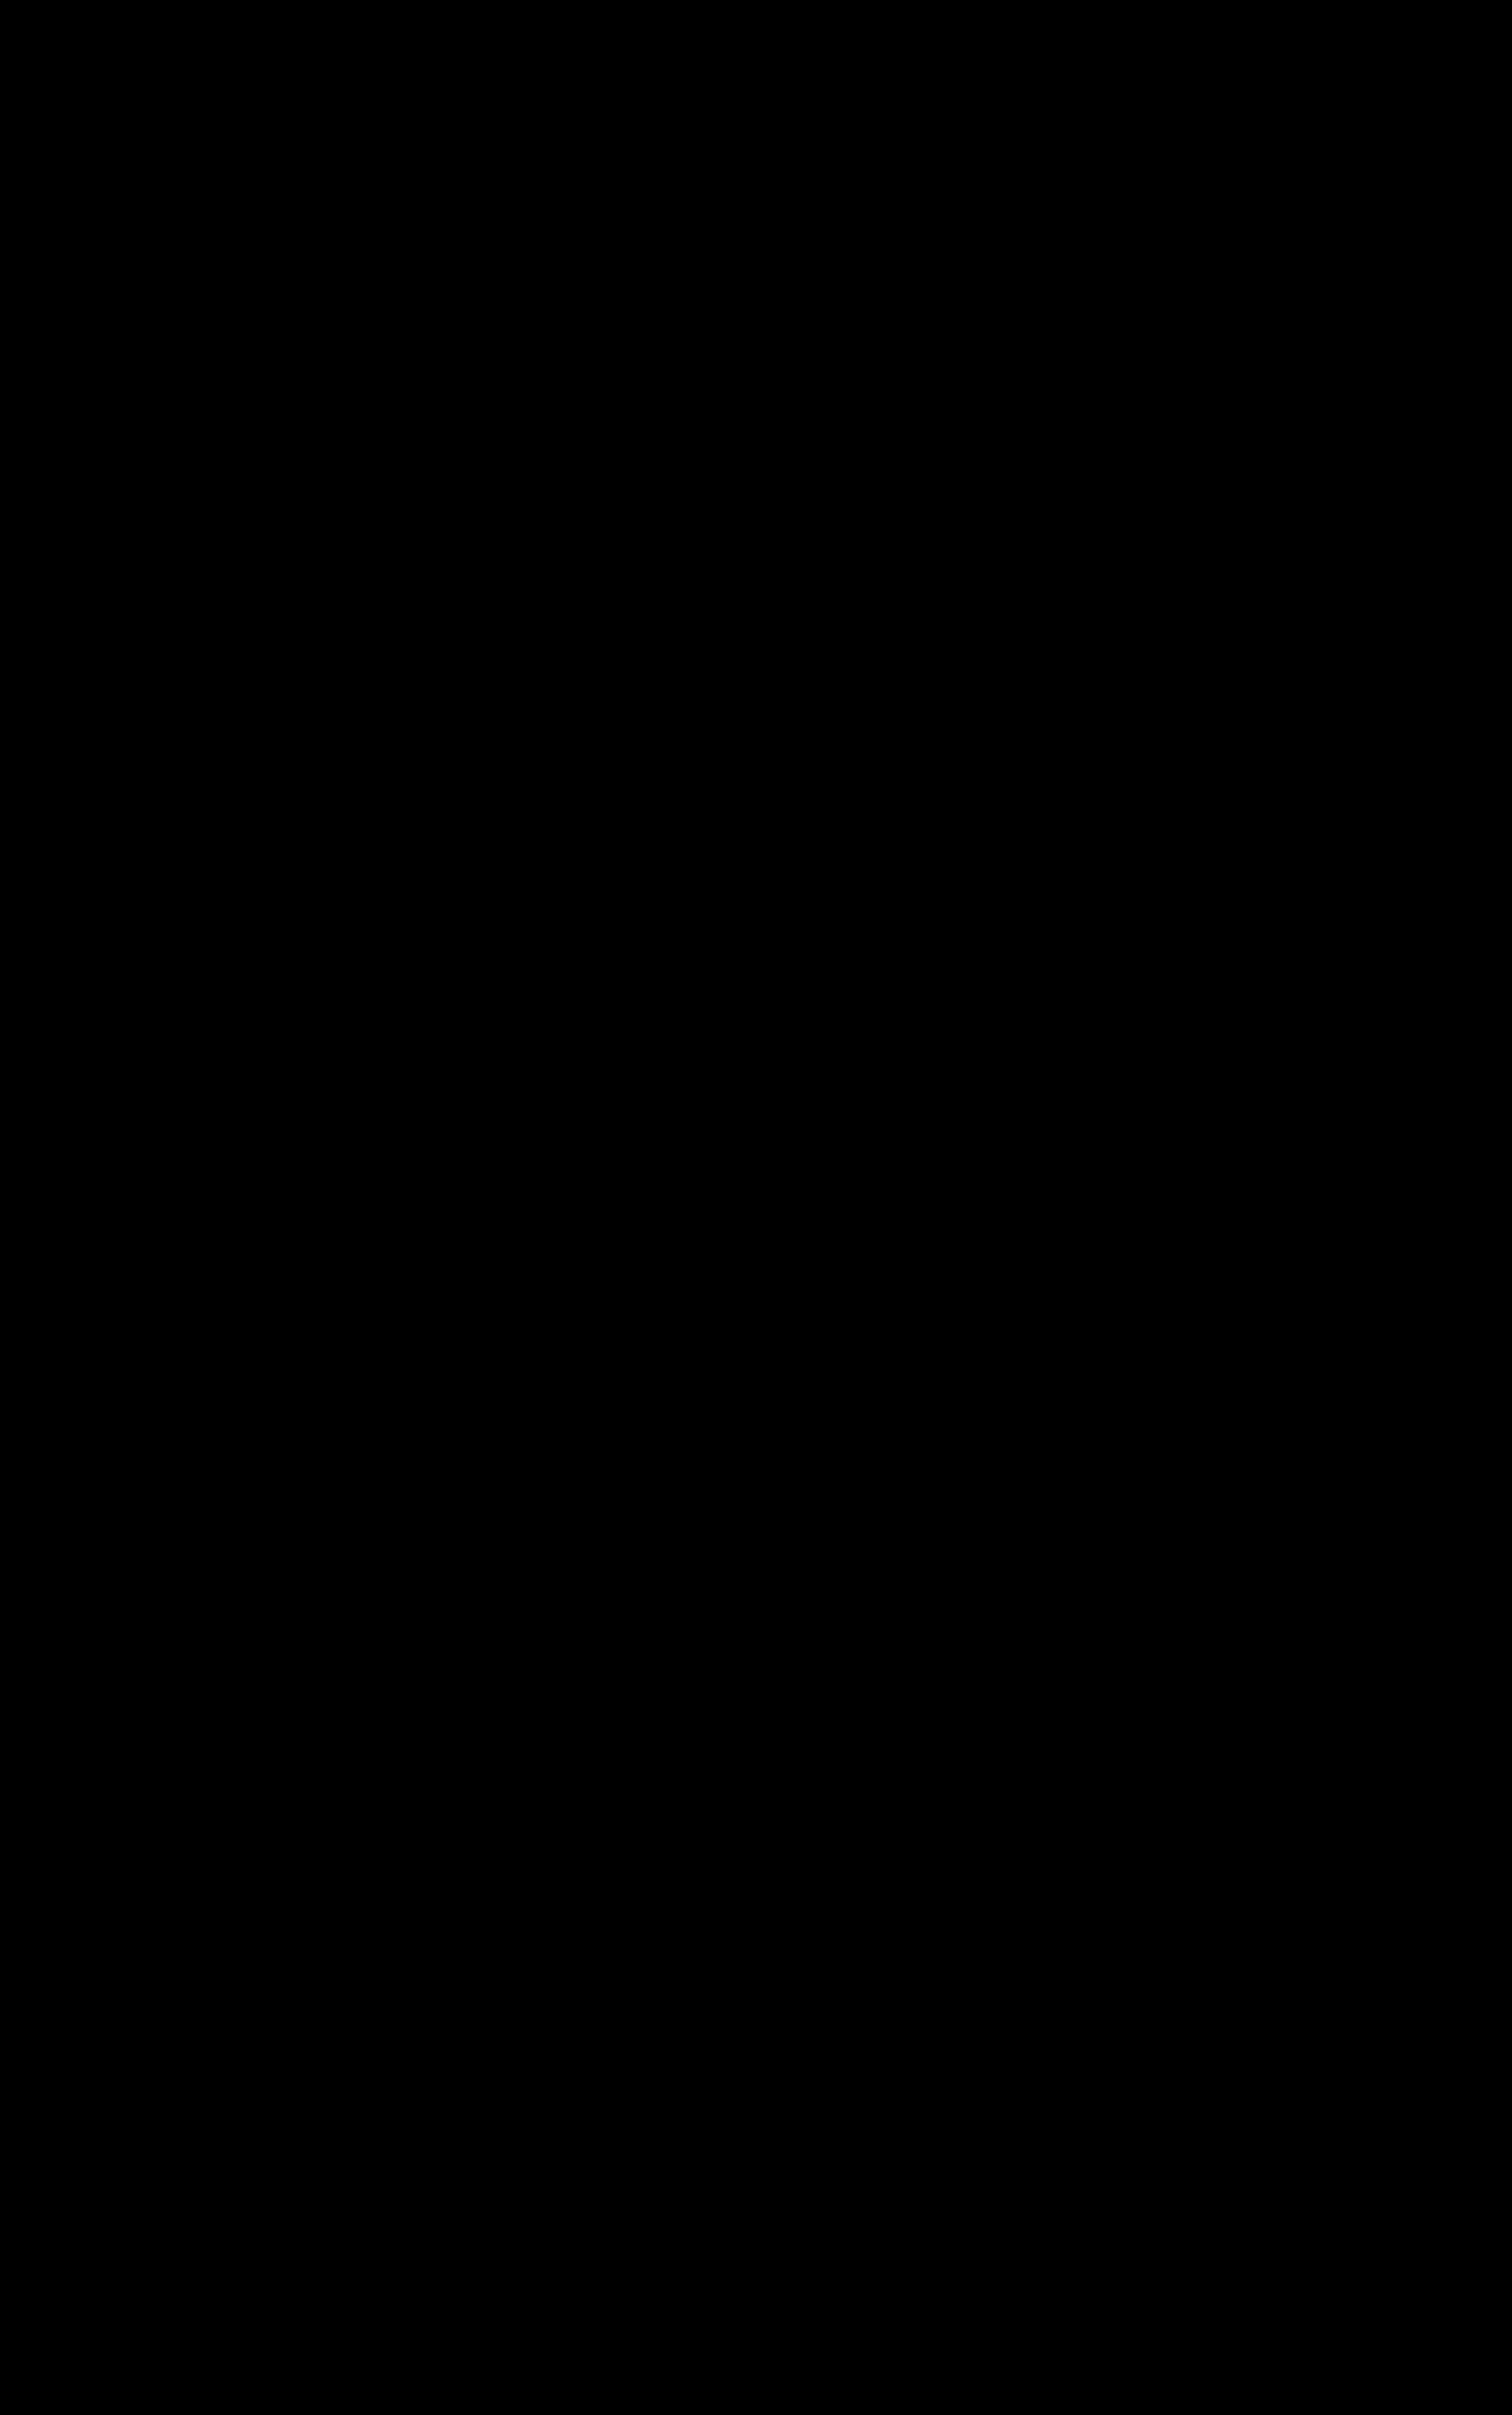 Work_UXDesign_DNANexus_Jupyter